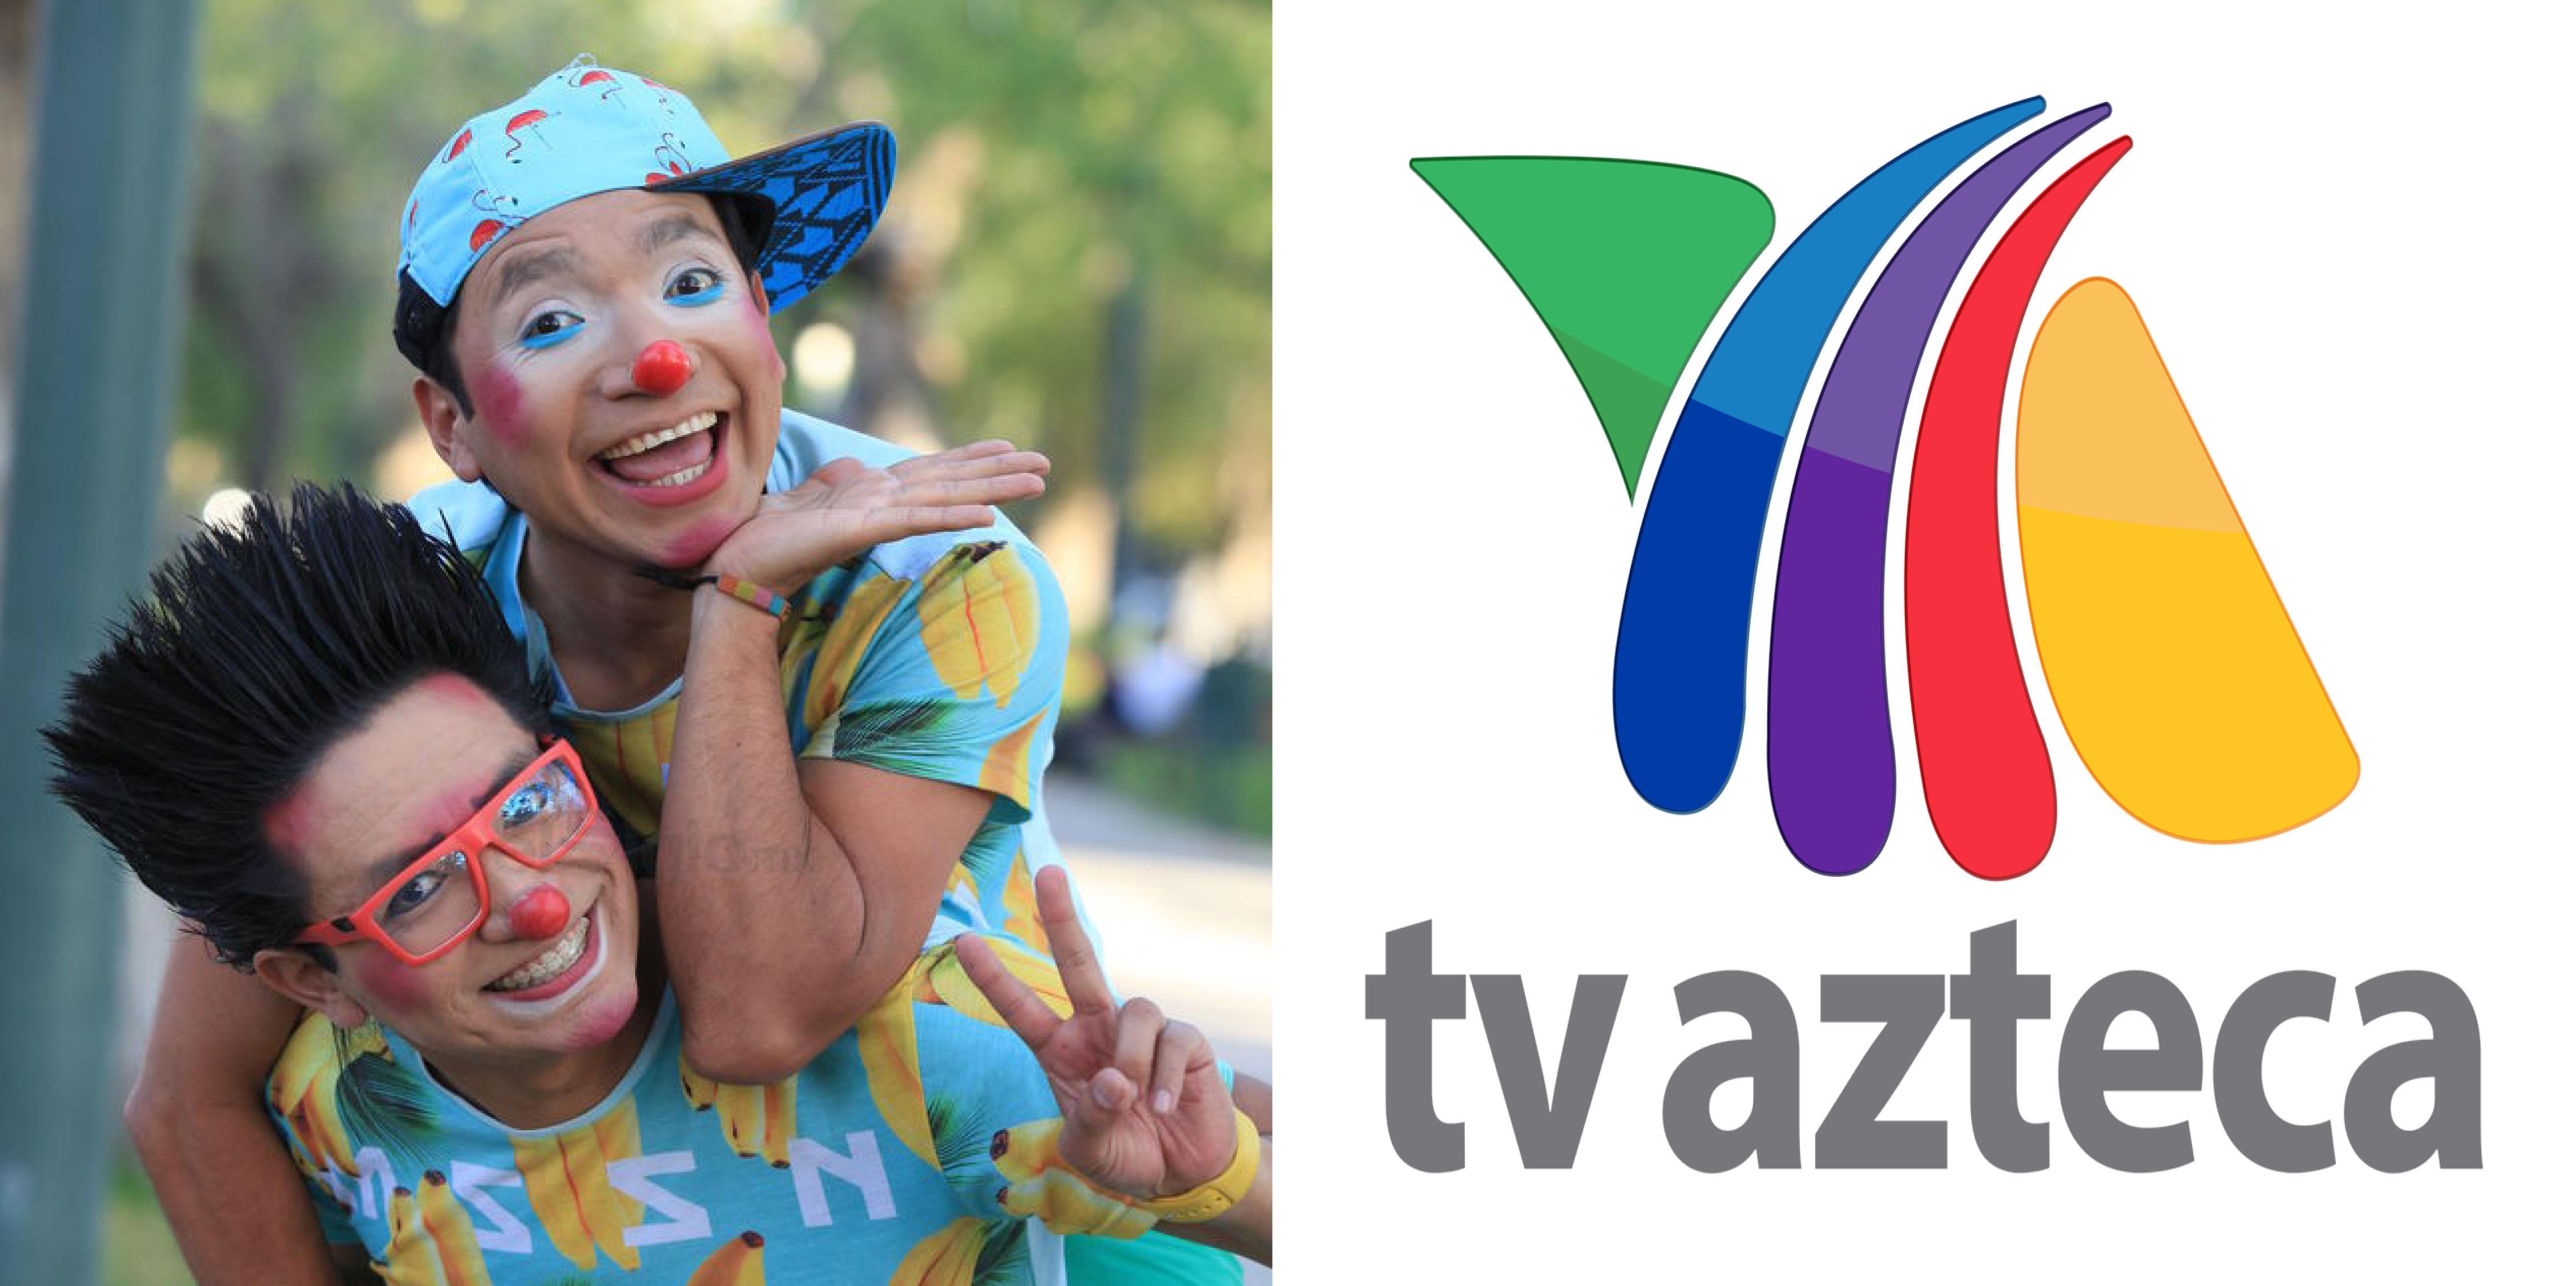 Destrampados dan golpe bajo a TV Azteca y ¿consiguen jugoso contrato en Televisa?